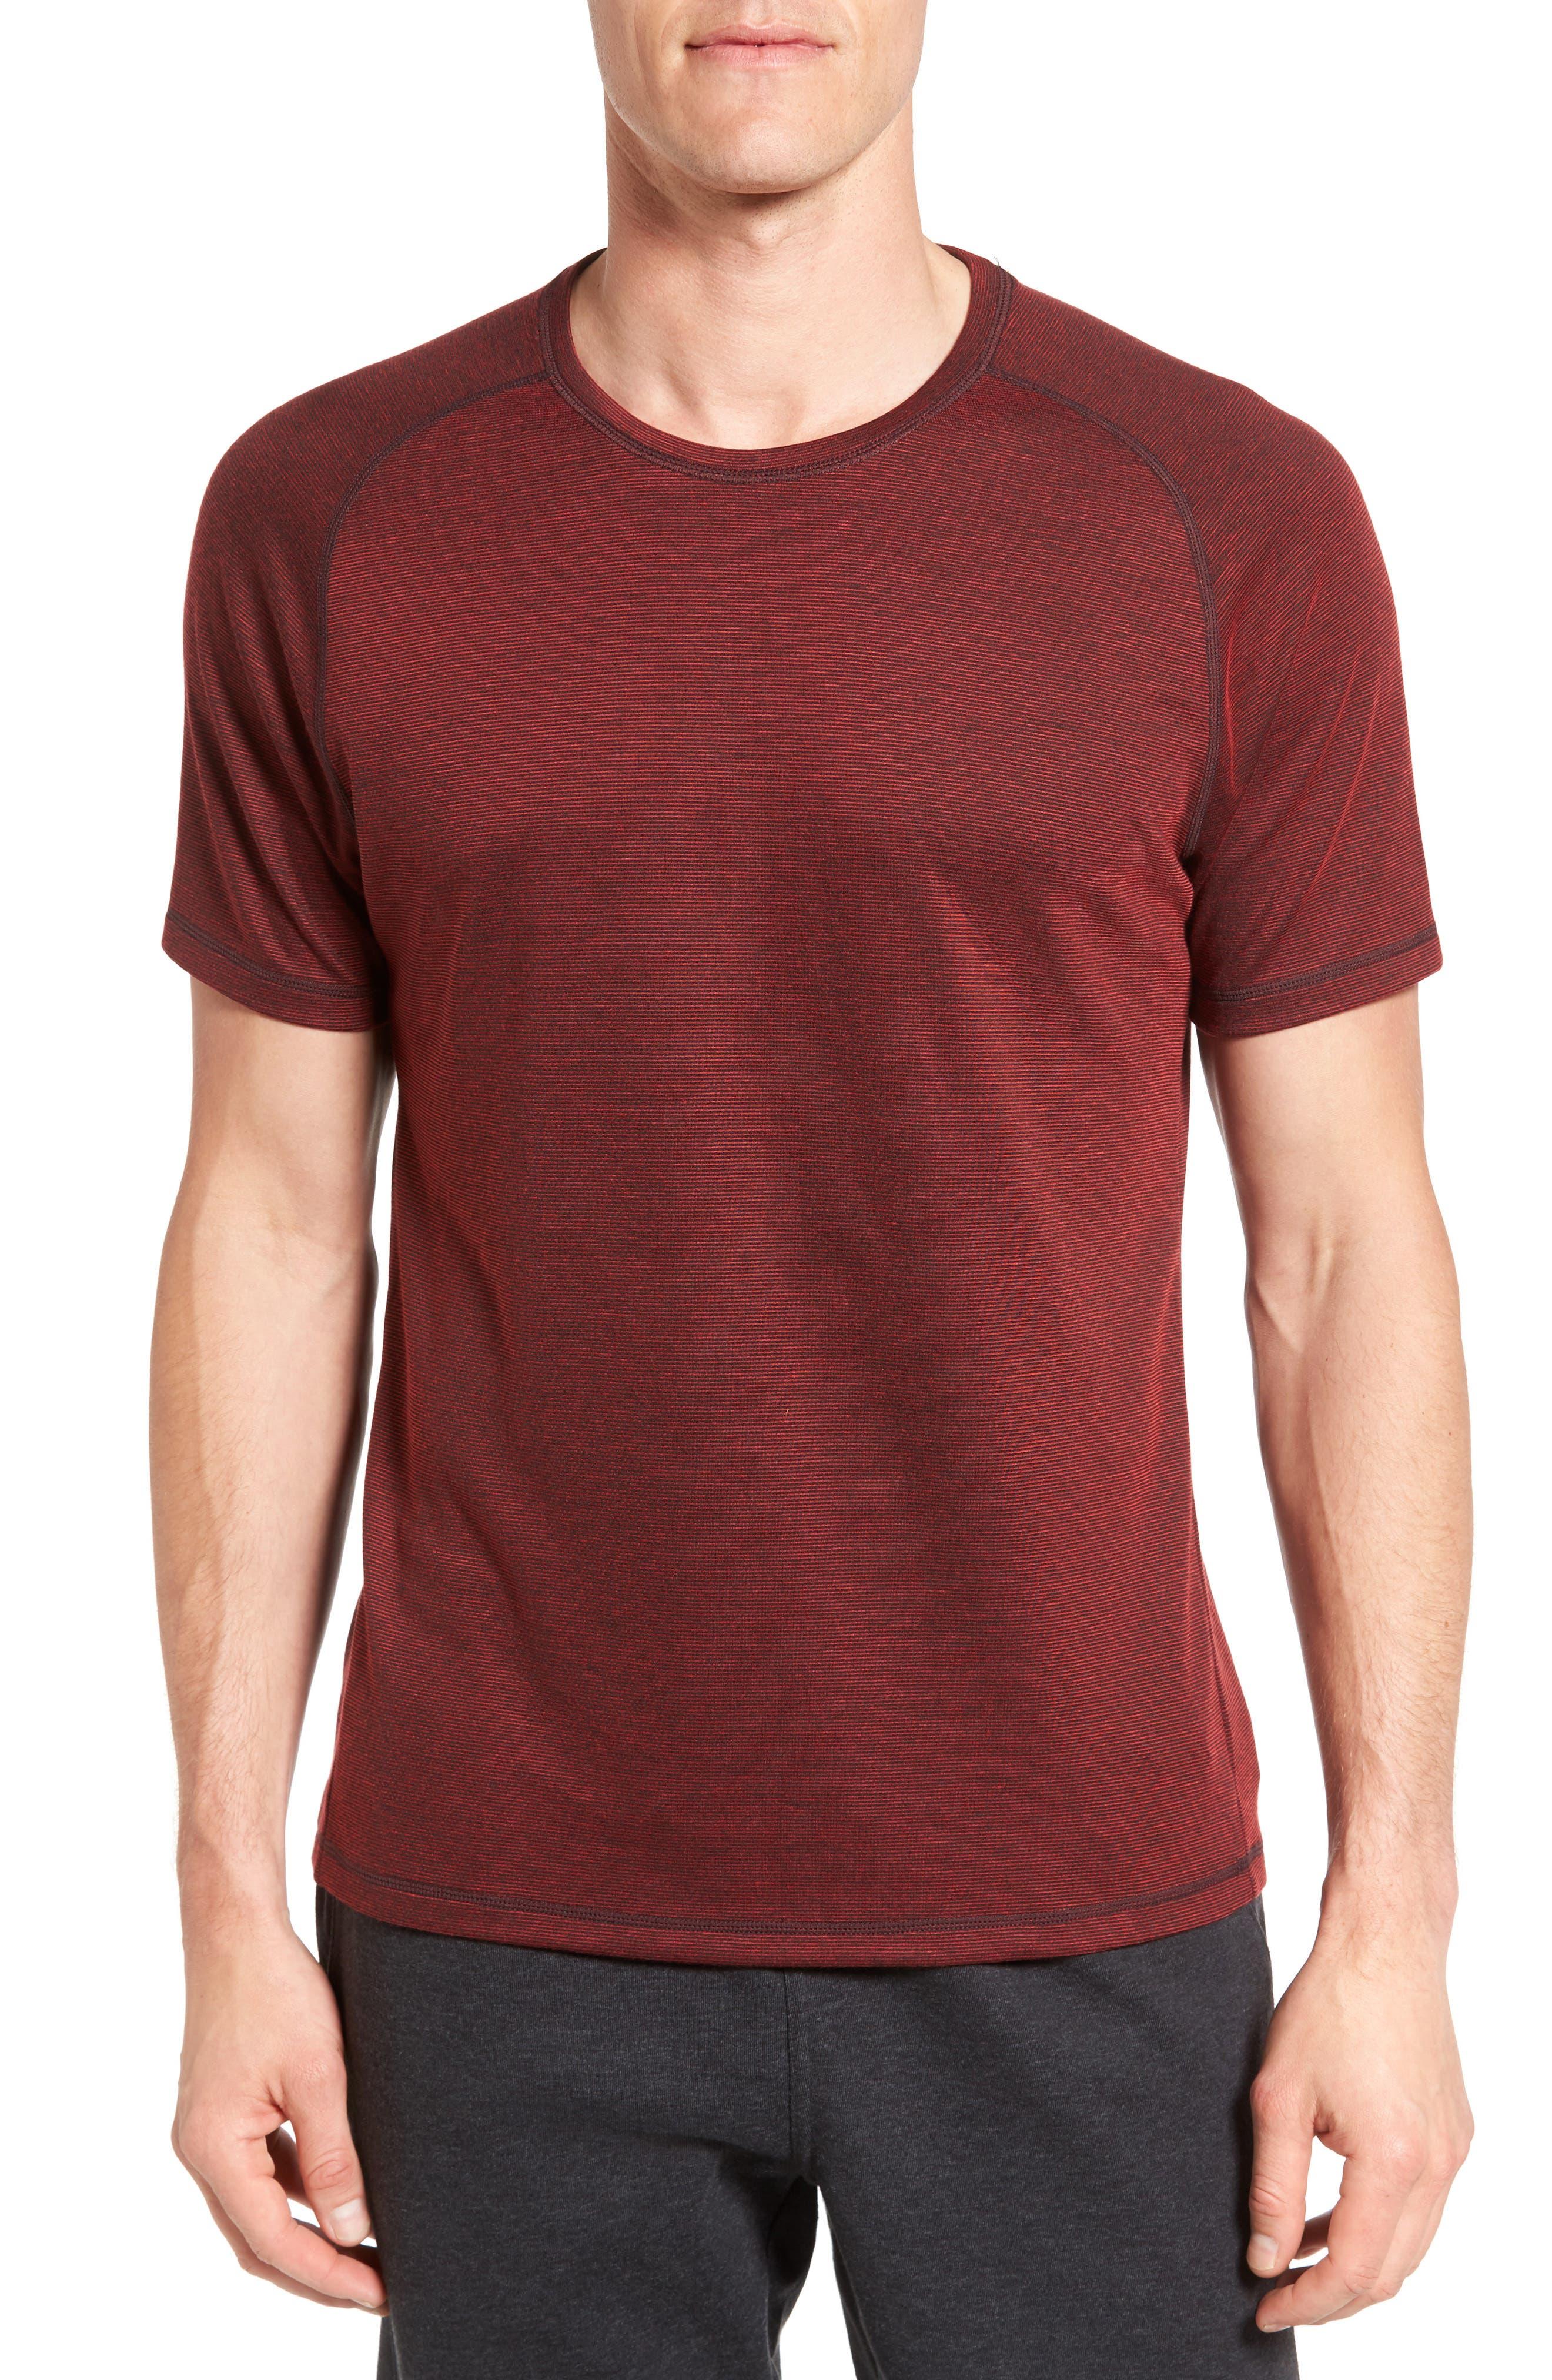 Zella 'Celsian' Moisture Wicking Stripe T-Shirt